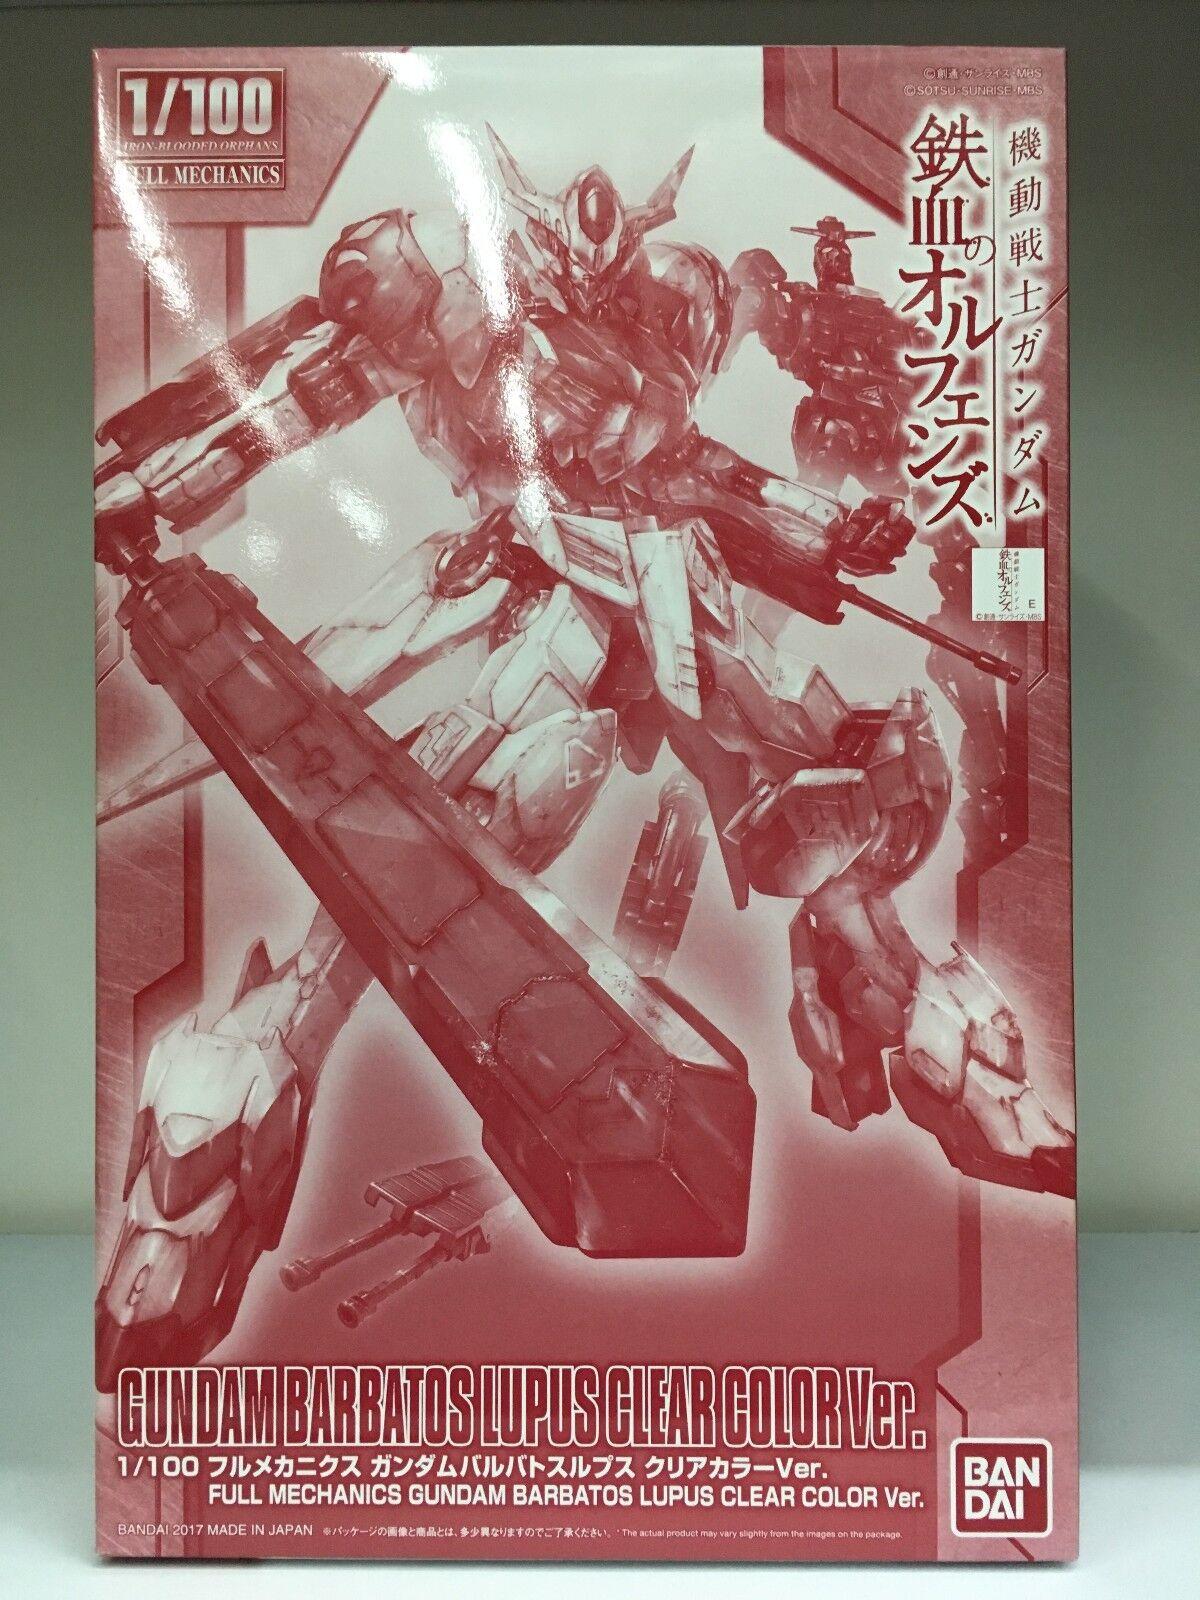 Bandai Expo 1 100 Gundam Barbatos Lupus Lupus Lupus Clear color Version Iron Blooded Orphans 51fa86